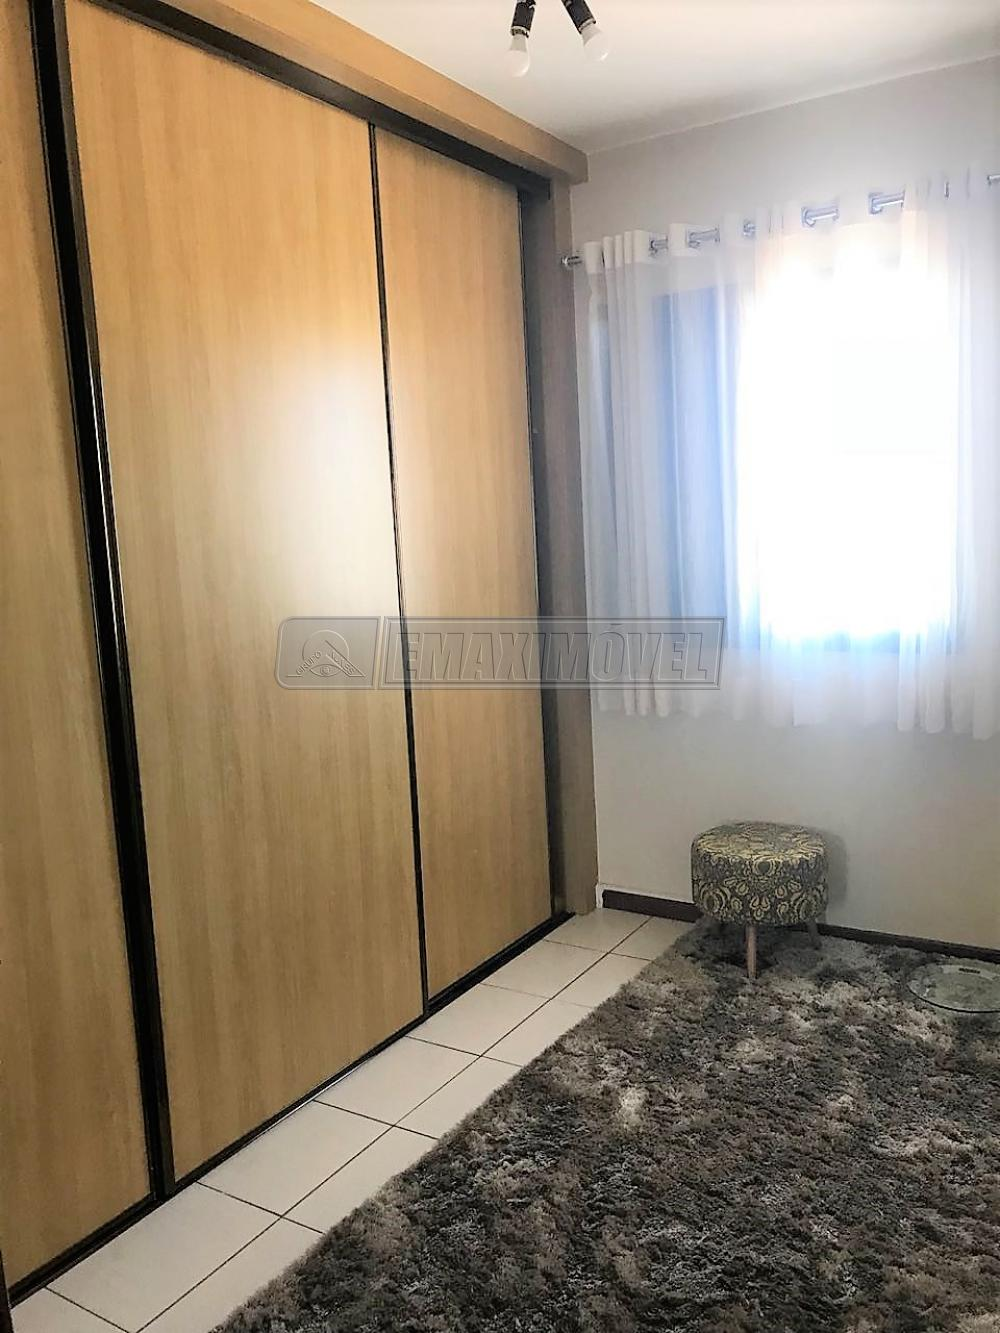 Comprar Apartamentos / Apto Padrão em Sorocaba apenas R$ 430.000,00 - Foto 14